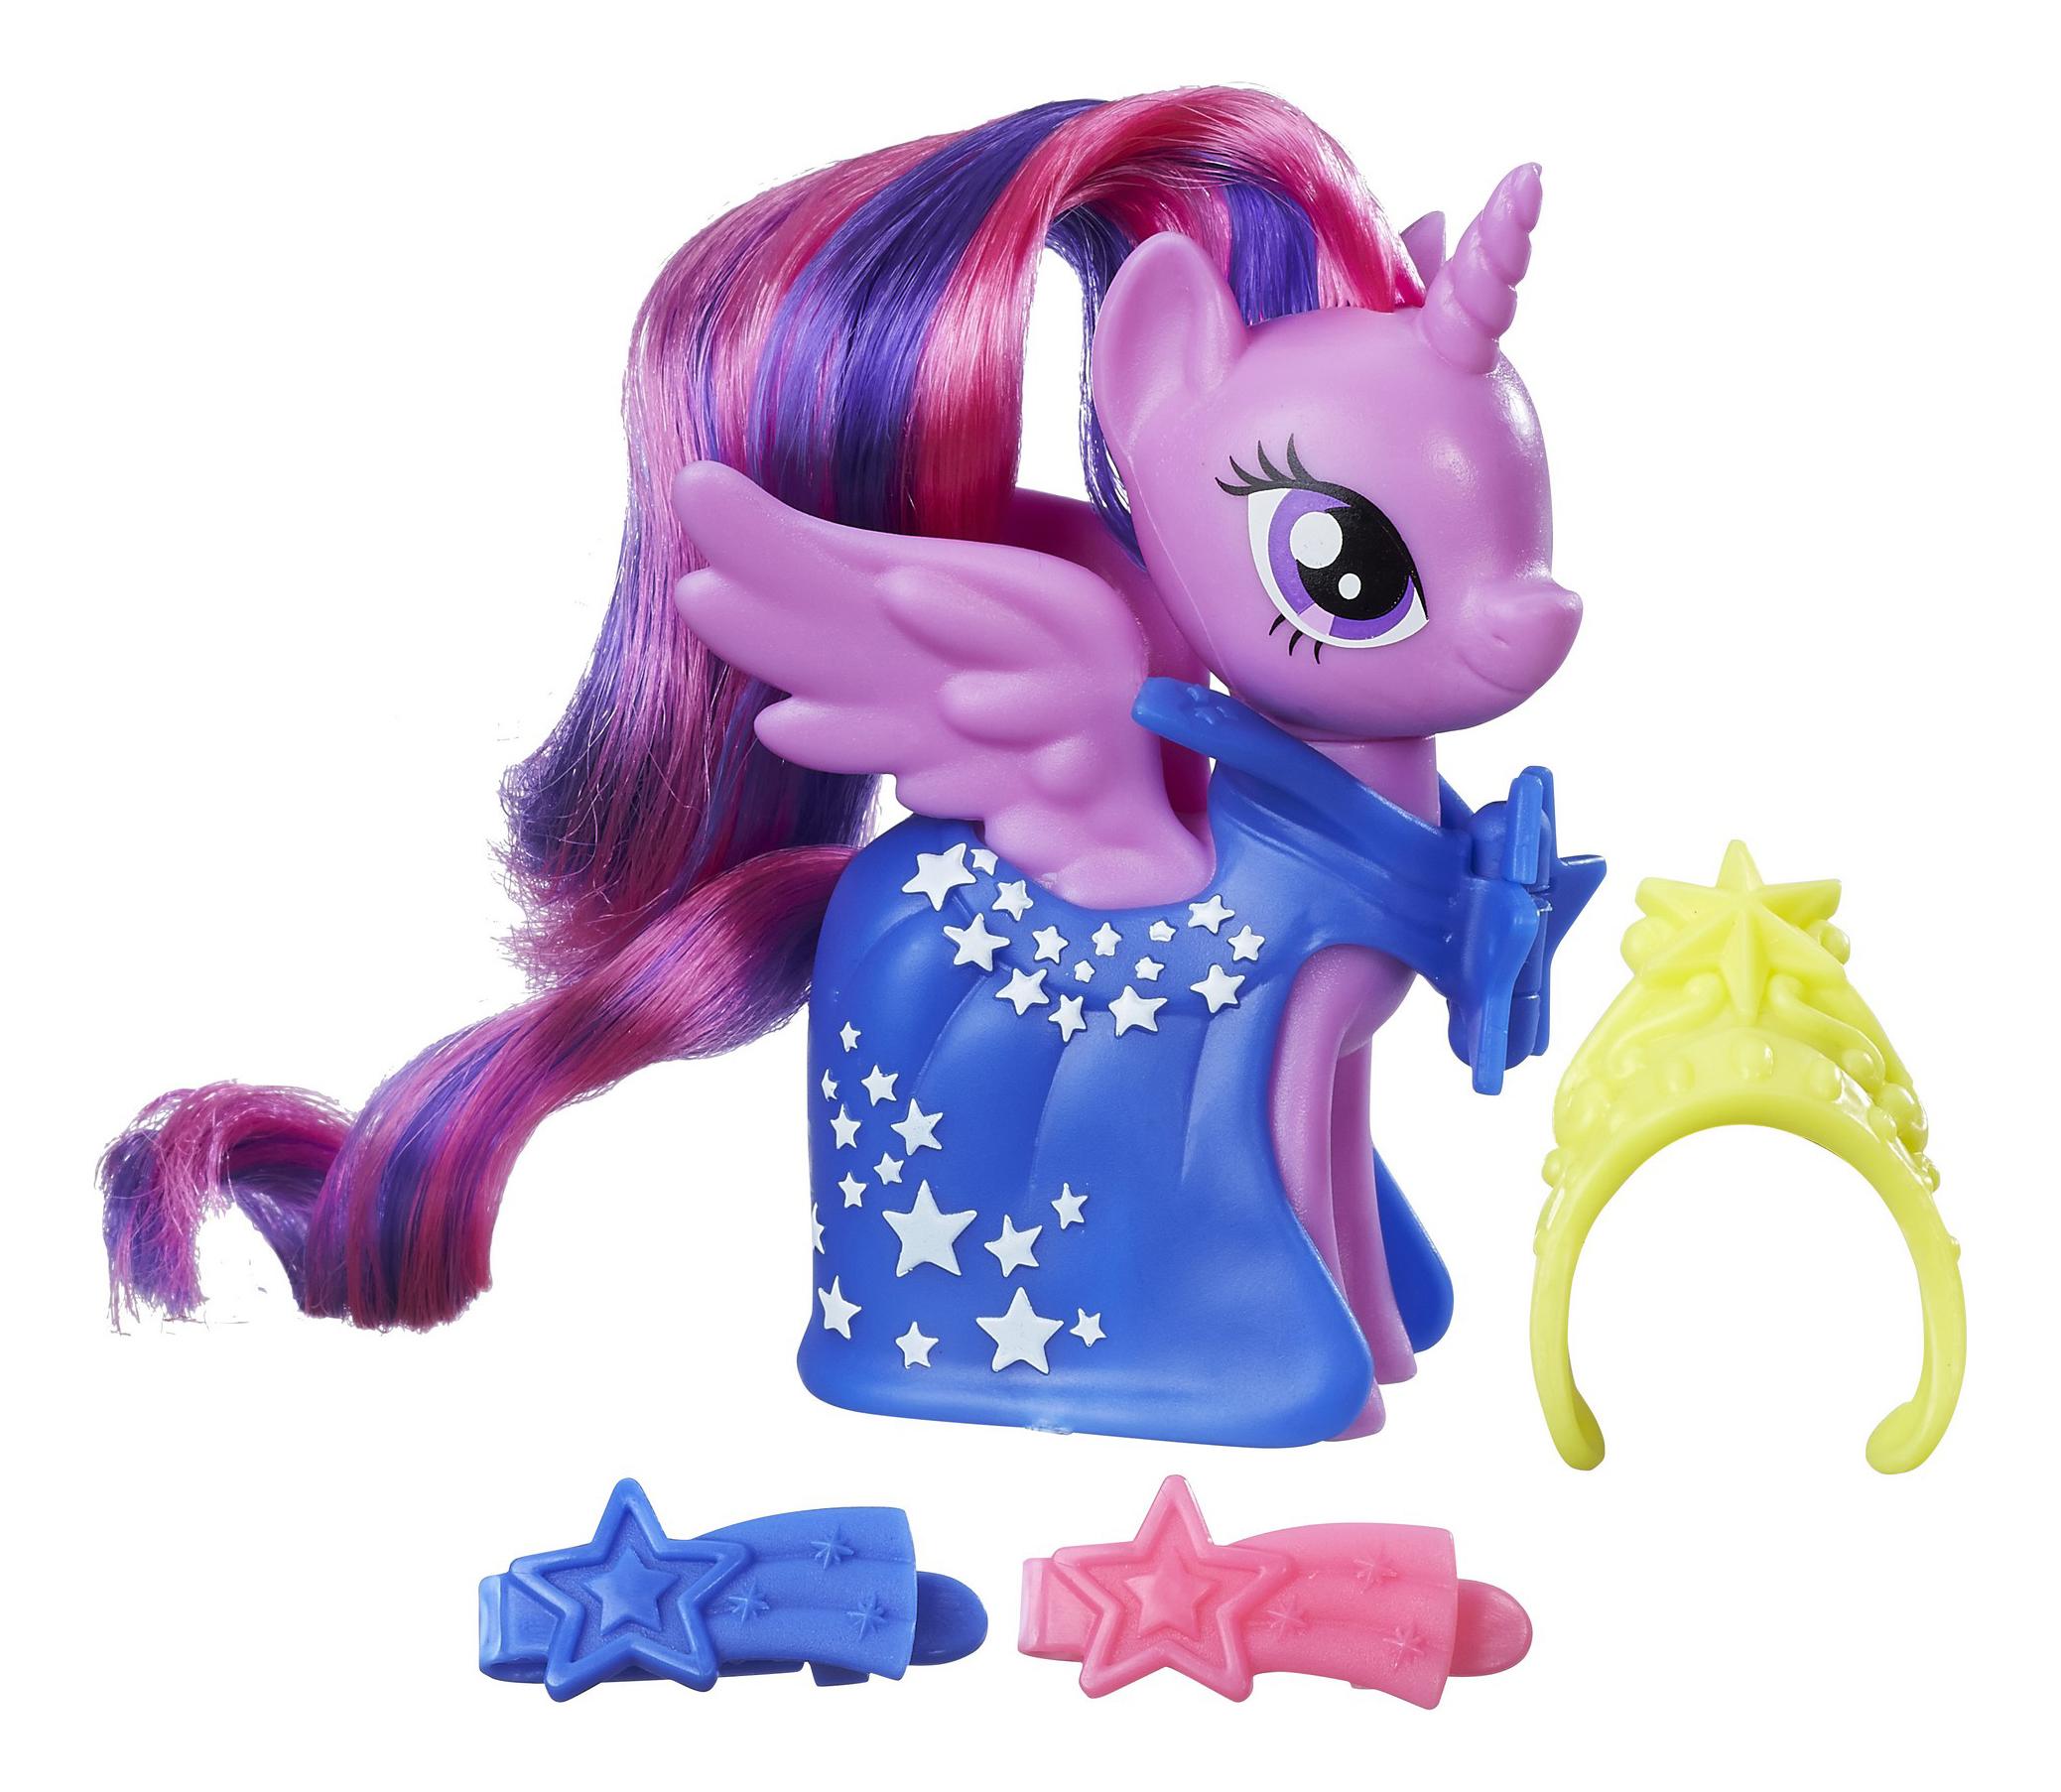 Купить Игровой набор My little Pony Hasbro My Little Pony Princess Twilight Sparkle, Disney Princess, Игровые наборы